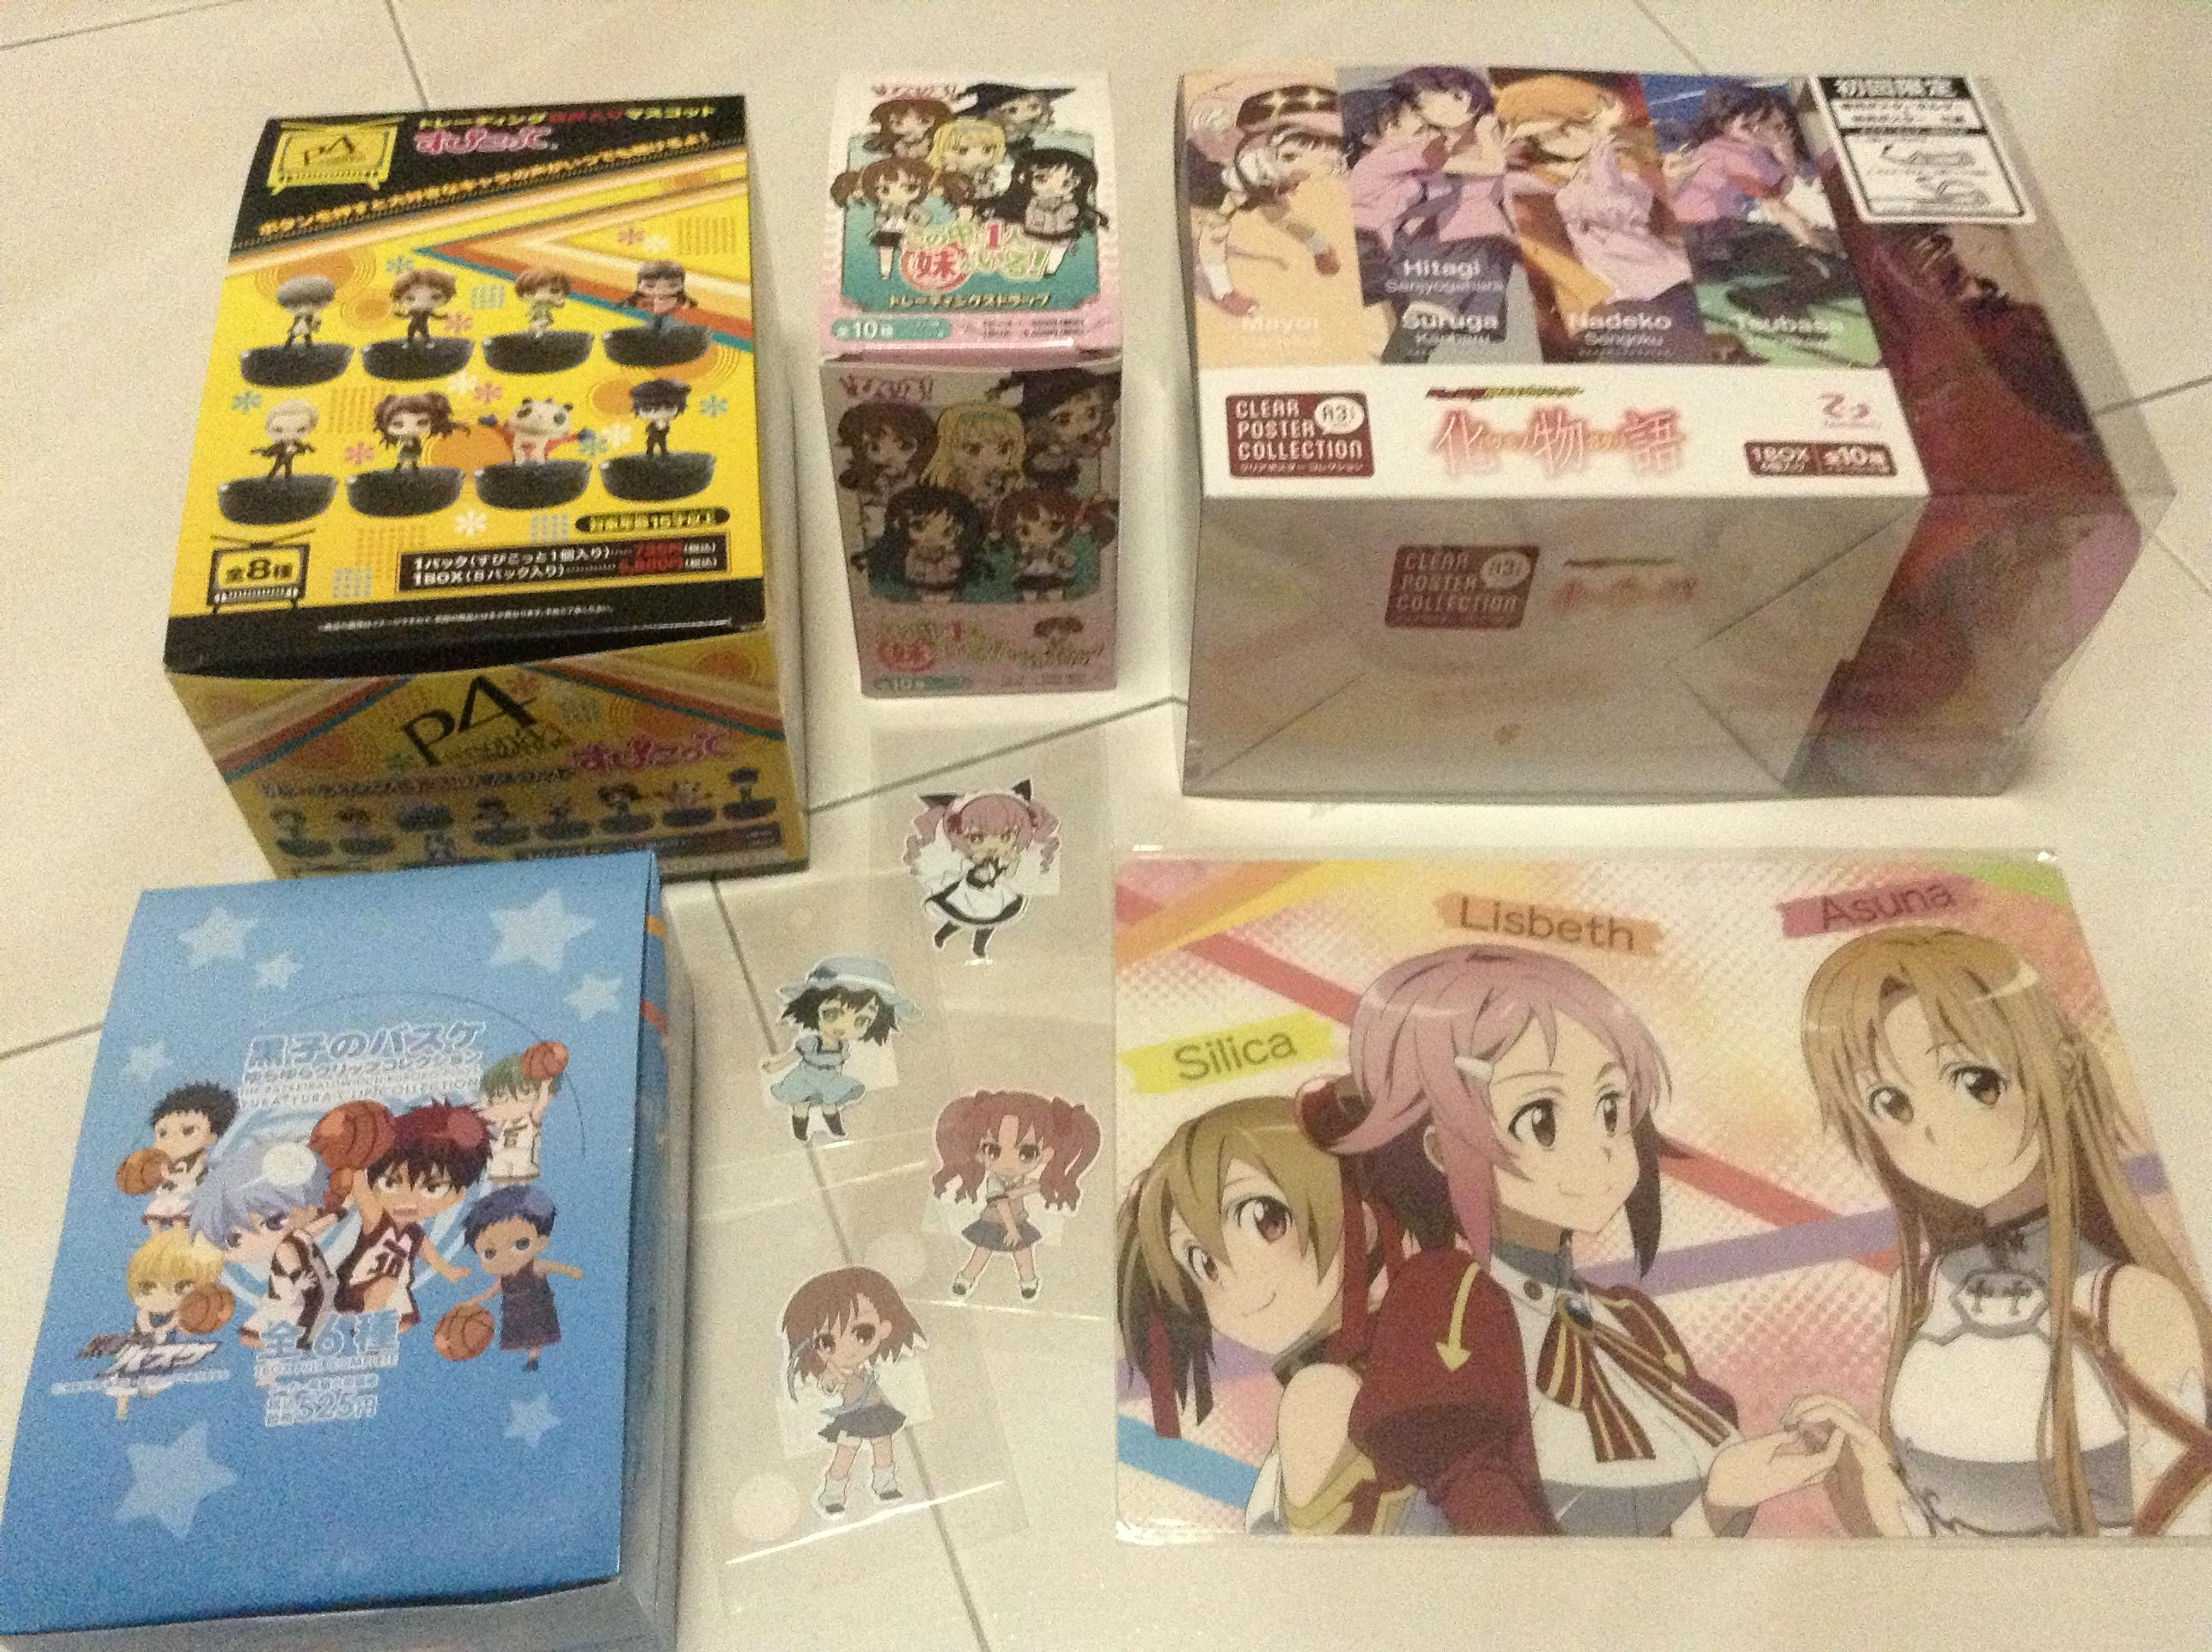 kuma chara-ani asuna movic kujikawa_rise pencil_board shin_megami_tensei:_persona_4 hobby_stock rubber_strap shujinkou shirogane_naoto amagi_yukiko sol_international satonaka_chie hanamura_yousuke sword_art_online silica pic-lil! tatsumi_kanji voice_mascot persona_4:_the_animation kuroko_no_basket kuroko_tetsuya kagami_taiga hyuuga_junpei midorima_shintarou kise_ryouta clip kono_naka_ni_hitori imouto_ga_iru! aomine_daiki tsuruma_konoe lisbeth kannagi_miyabi kunitachi_rinka tendou_mana sagara_mei imoto_ga_iru!_trading_strap kotori_maiko houshou_yuzurina kuroko_no_basket_-_yura-yura_clip_collection pic-lil!_kono_naka_ni_hitori